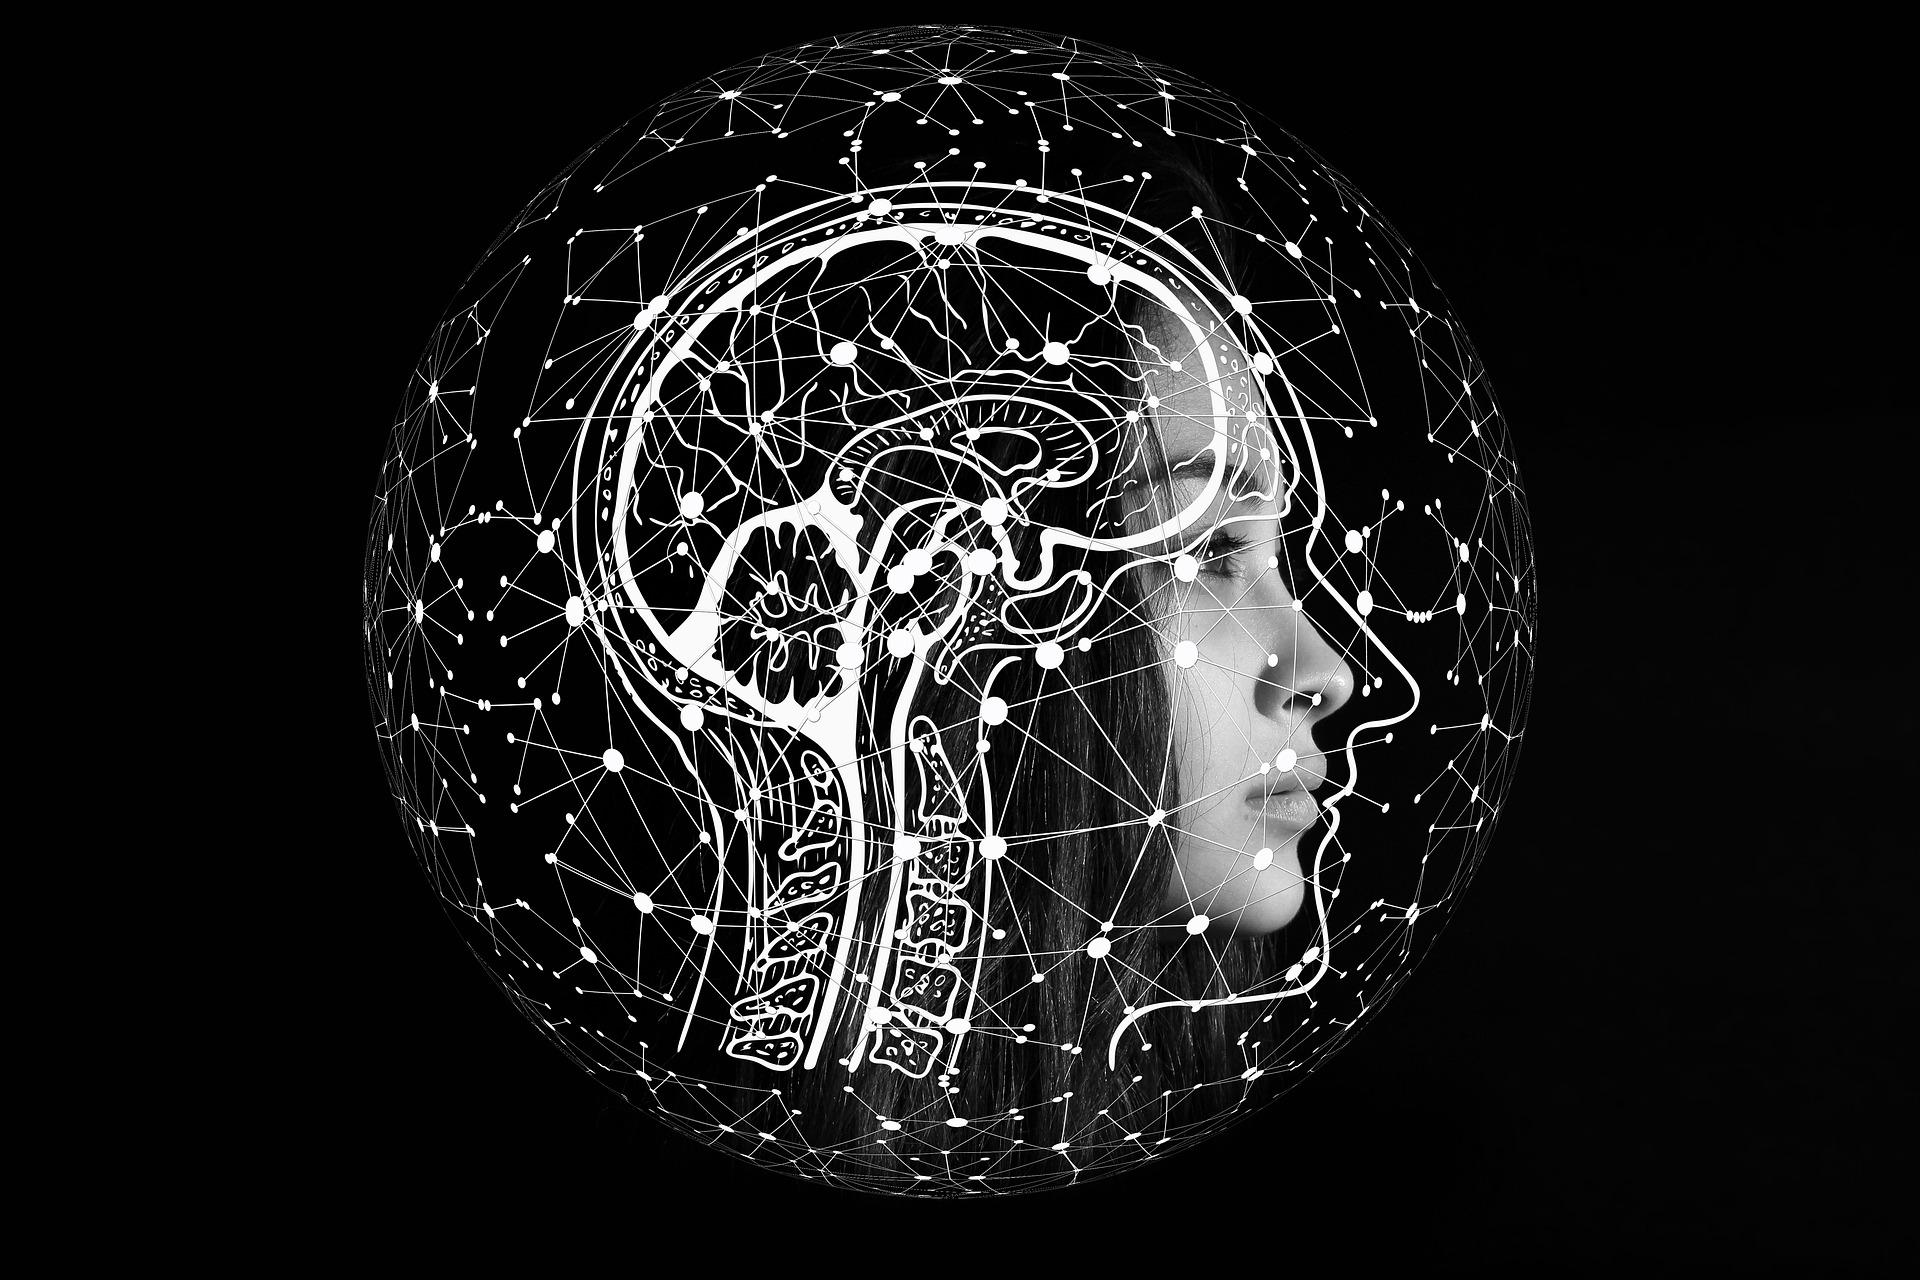 Kvindeansigt på sort baggrund med tegning af hjerneaktivitet